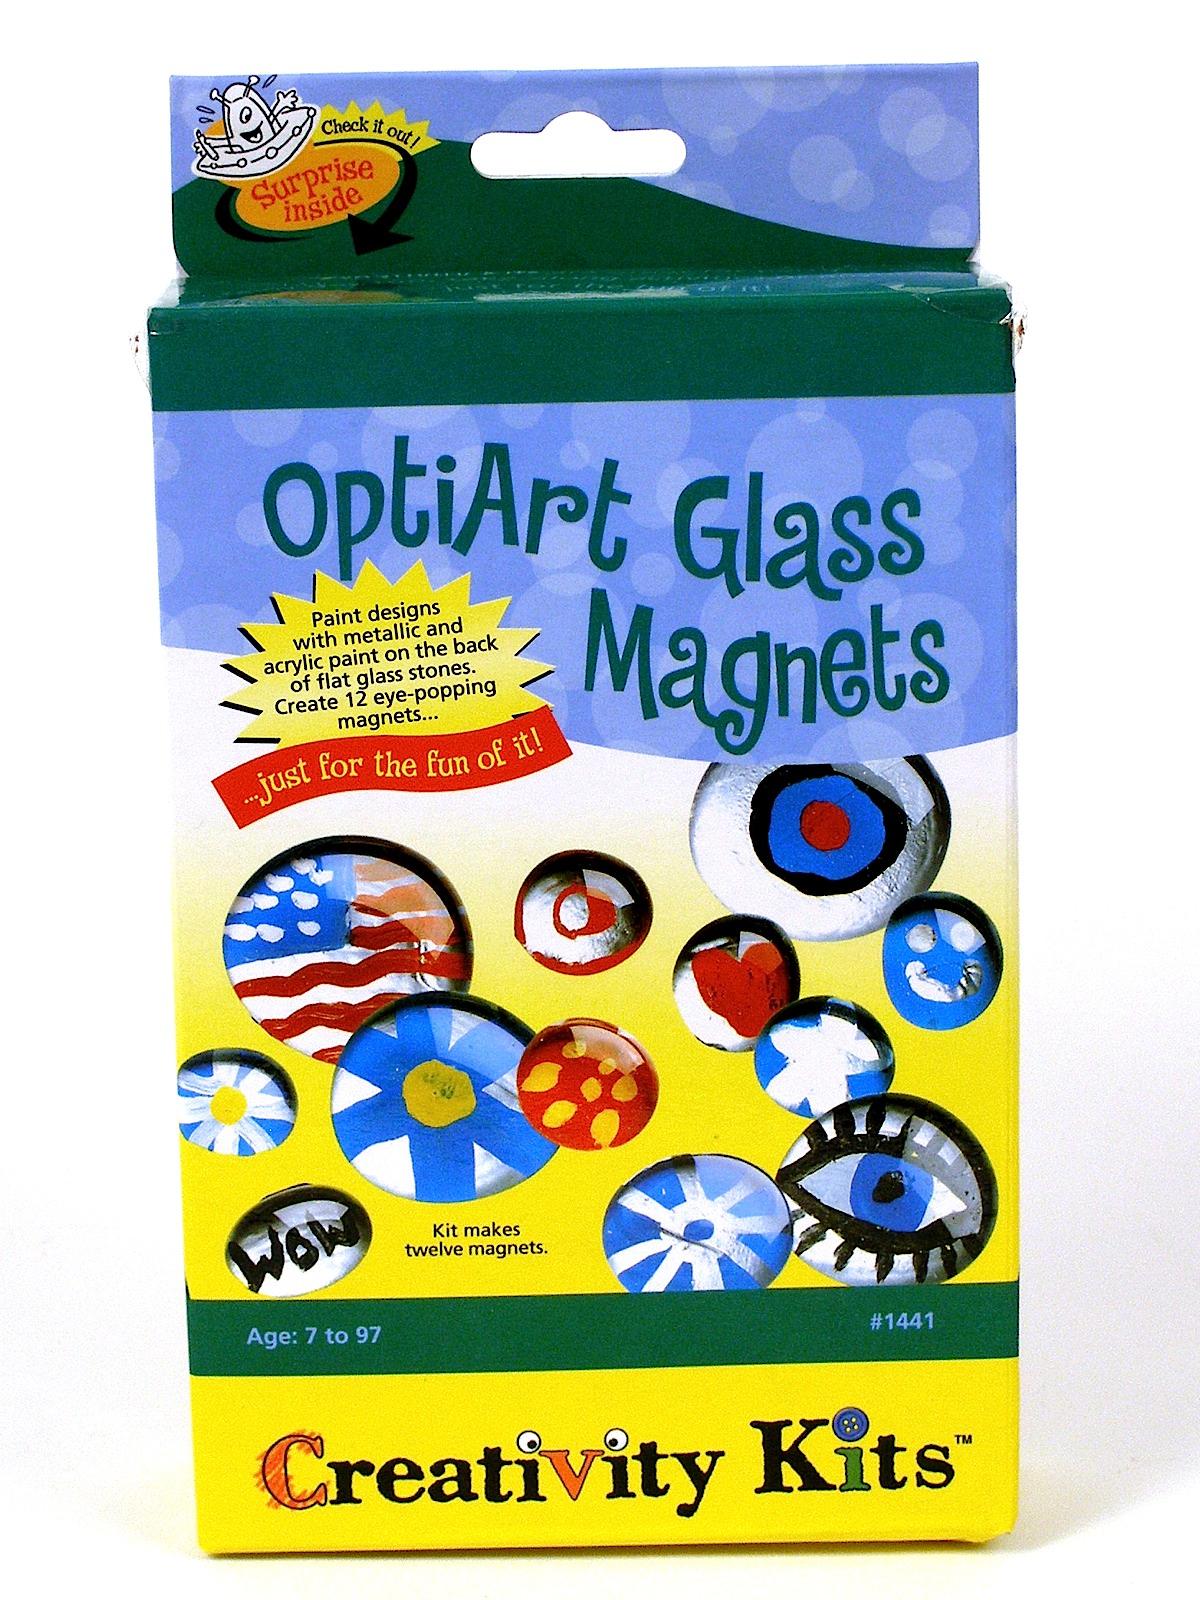 Pop-Art Magnets Mini Kit